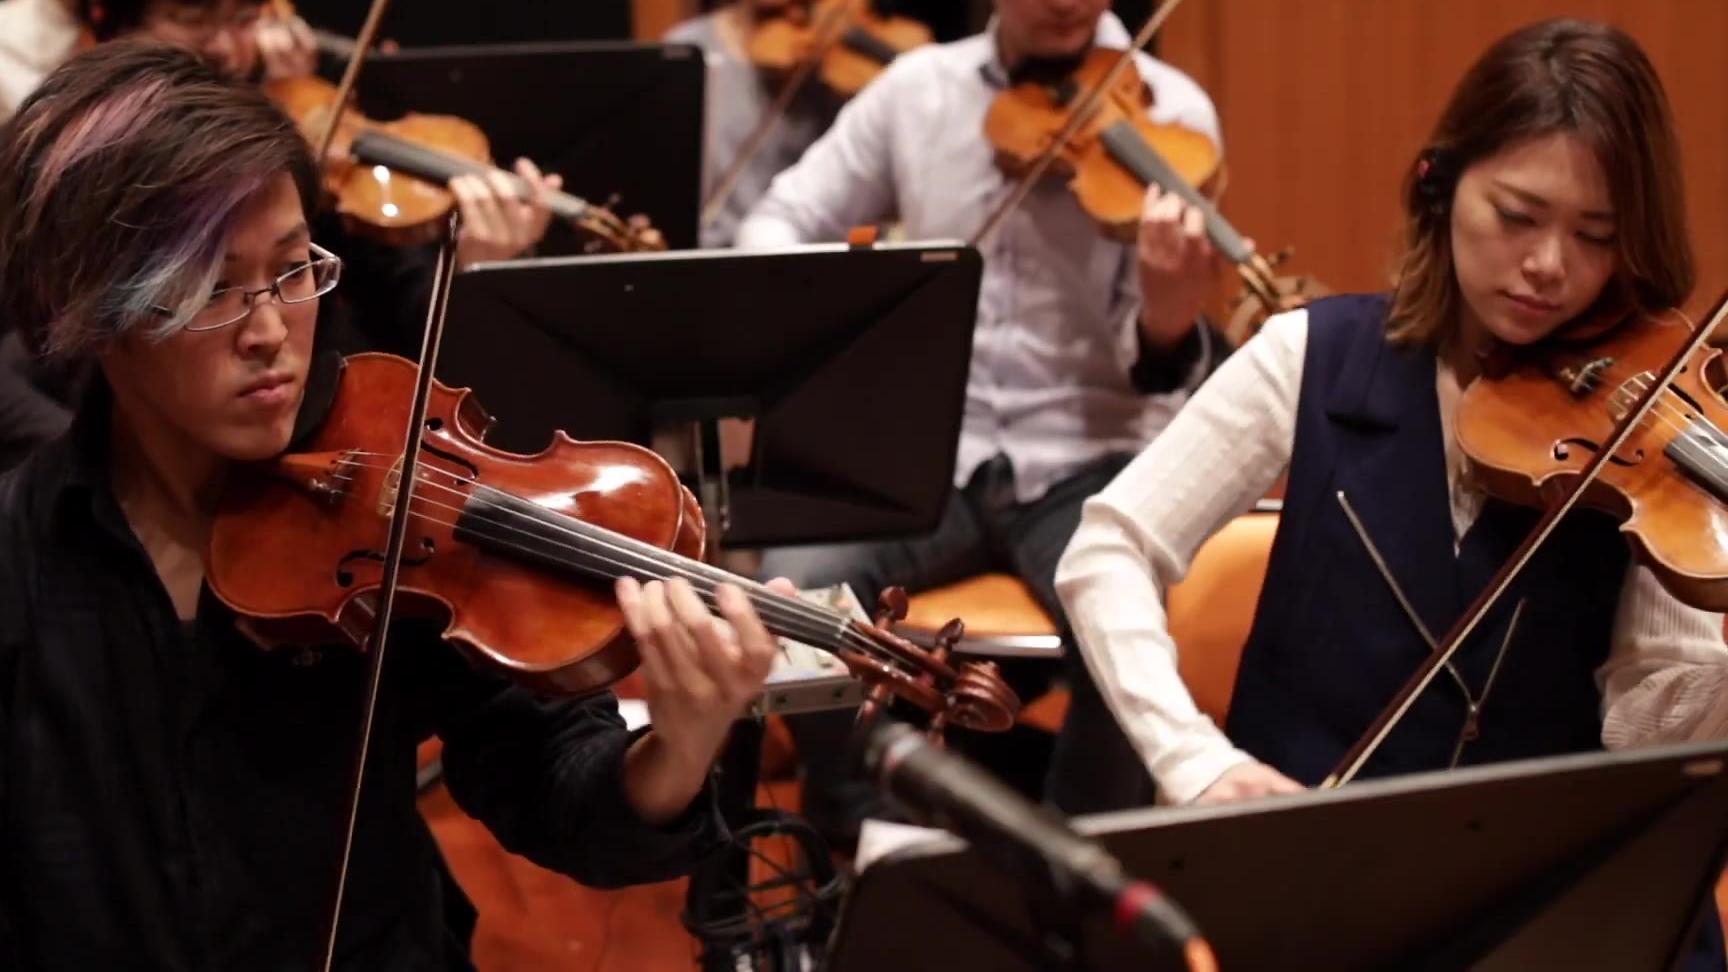 【東方フィル12針】生演奏オーケストラによる『幻想浄瑠璃』【交響アクティブNEETs】